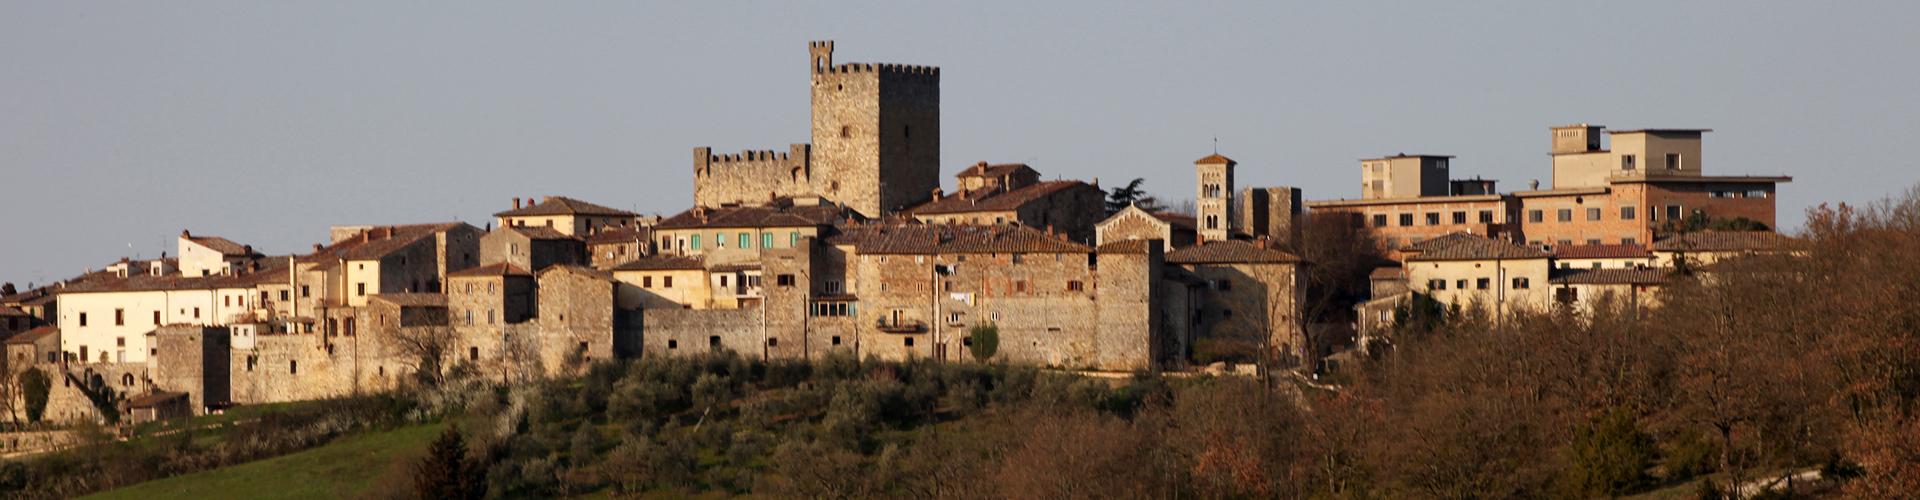 castellina-in-chianti_3686-a-4mb-rec